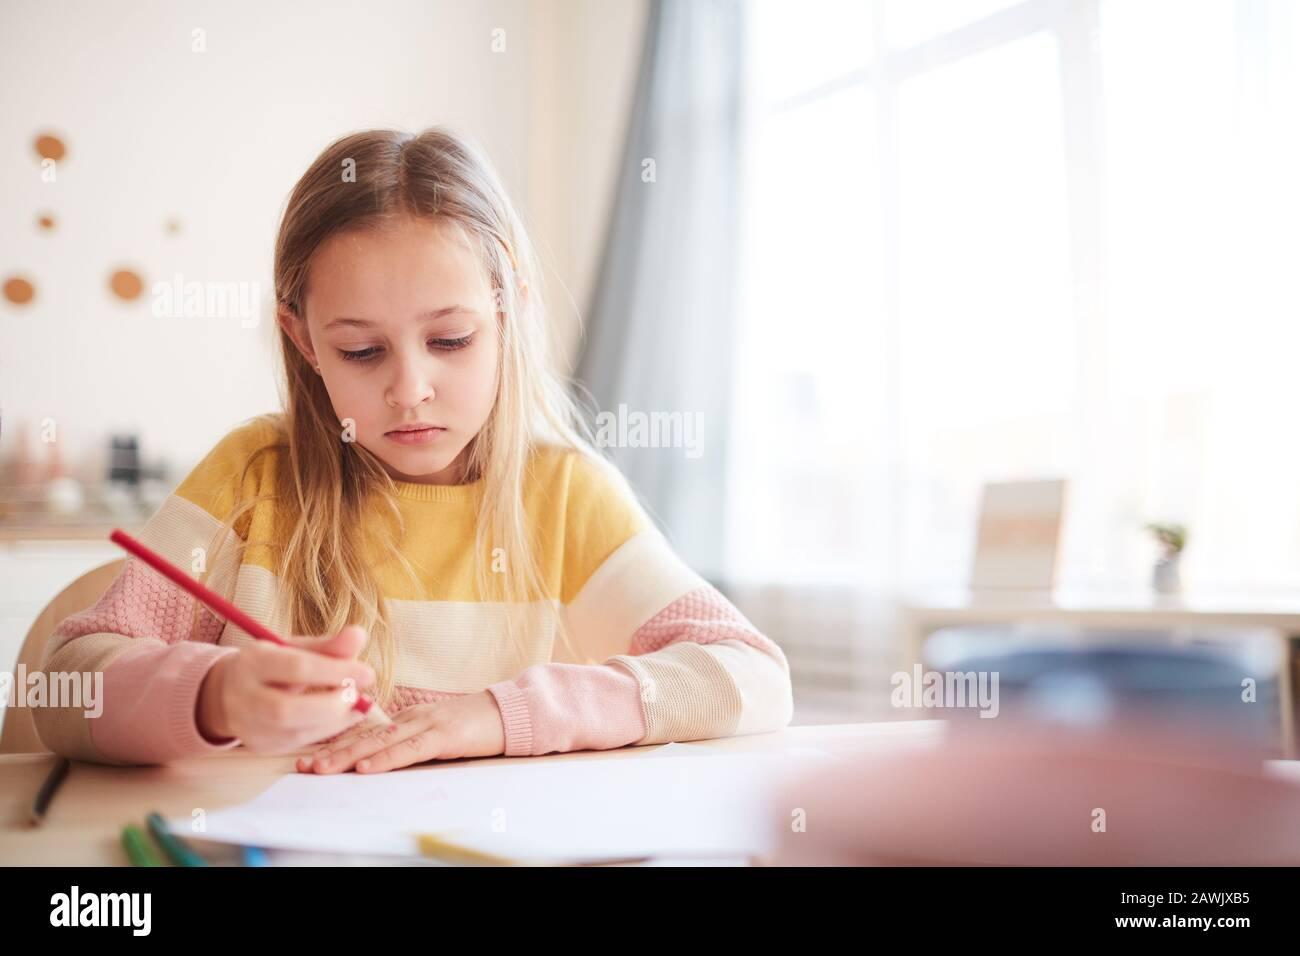 Cálido retrato tonificado de una linda niña dibujando fotos o haciendo tareas mientras está sentado en la mesa en el interior de casa, espacio para copiar Foto de stock